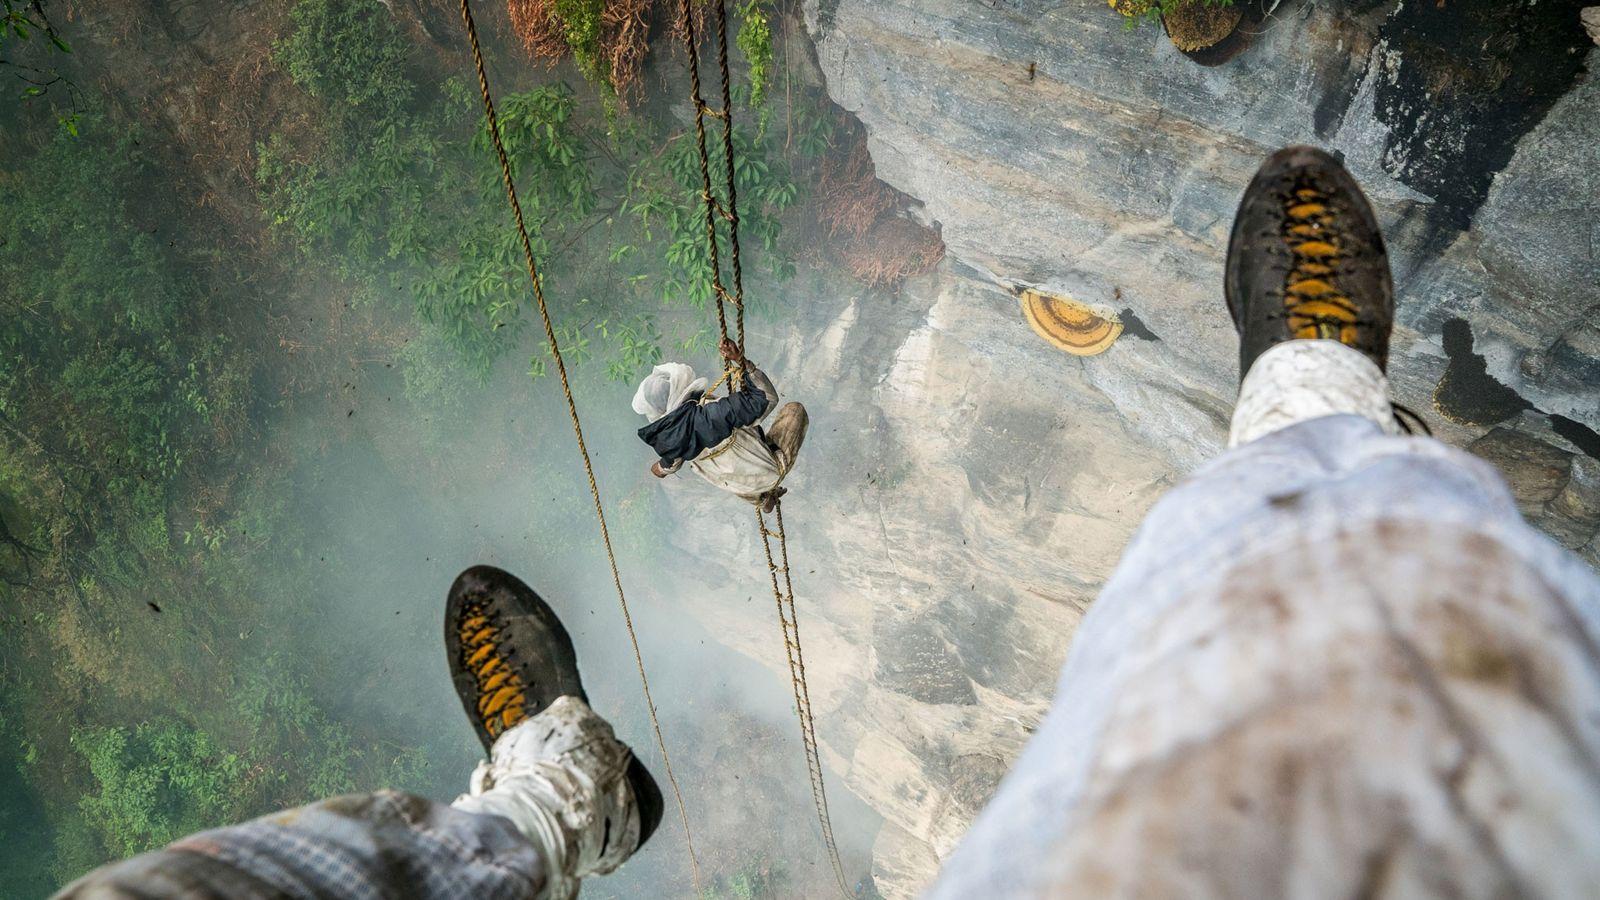 Autorretrato dos pés de Renan Ozturk